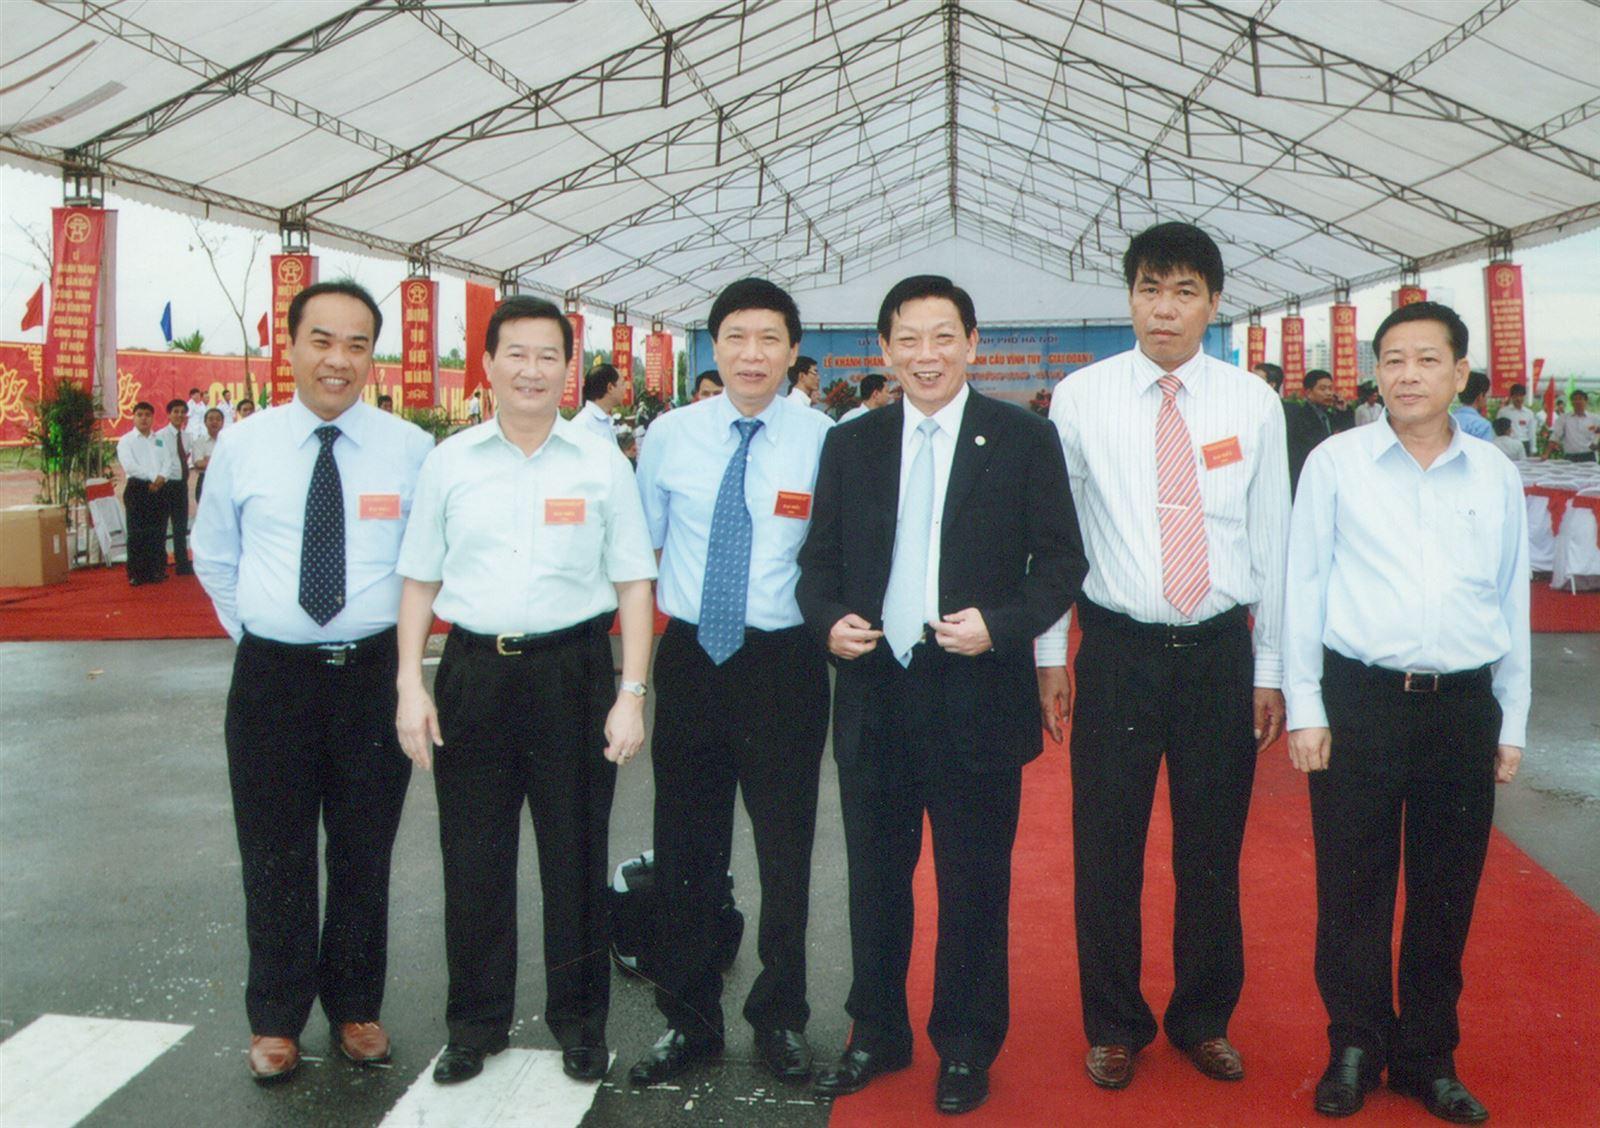 [Album] Những hình ảnh hoạt động nổi bật của Chủ tịch Hội đồng quản trị kiêm Tổng Giám đốc Vũ Văn Trường